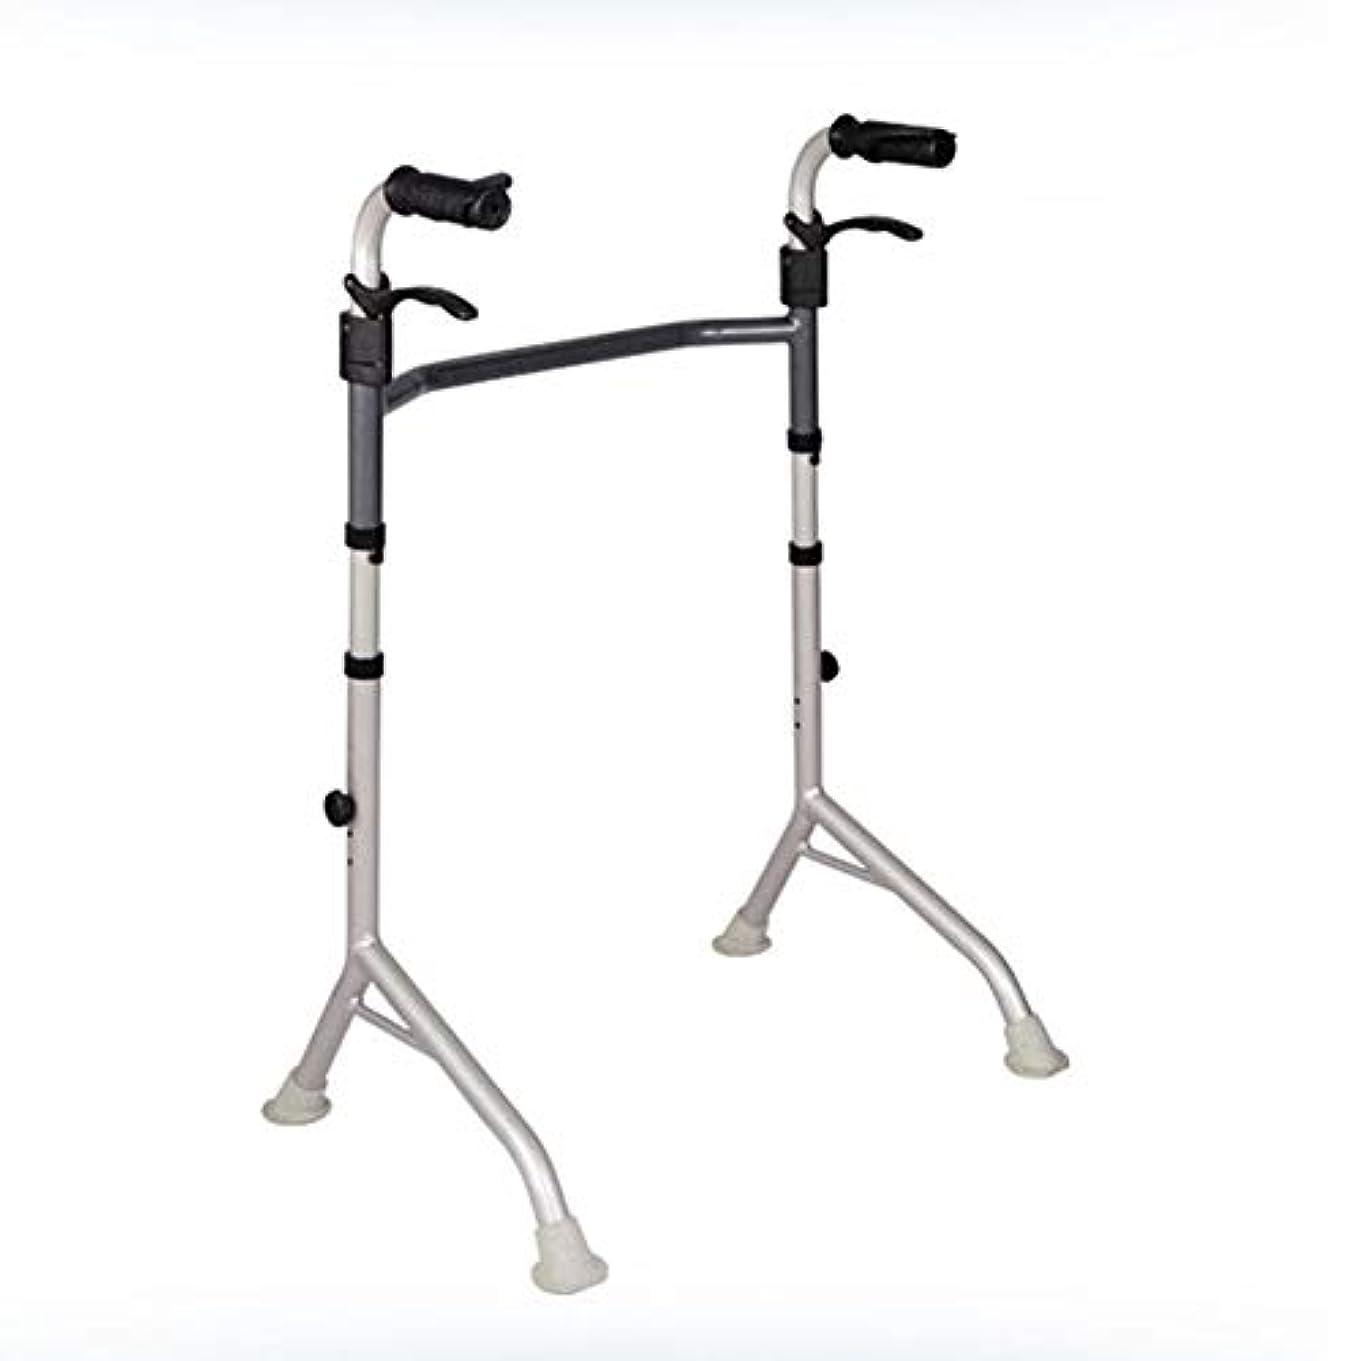 召喚するバター一時的四脚歩行器、高齢者歩行フレーム、リハビリテーション立ちアームレスト、歩行補助